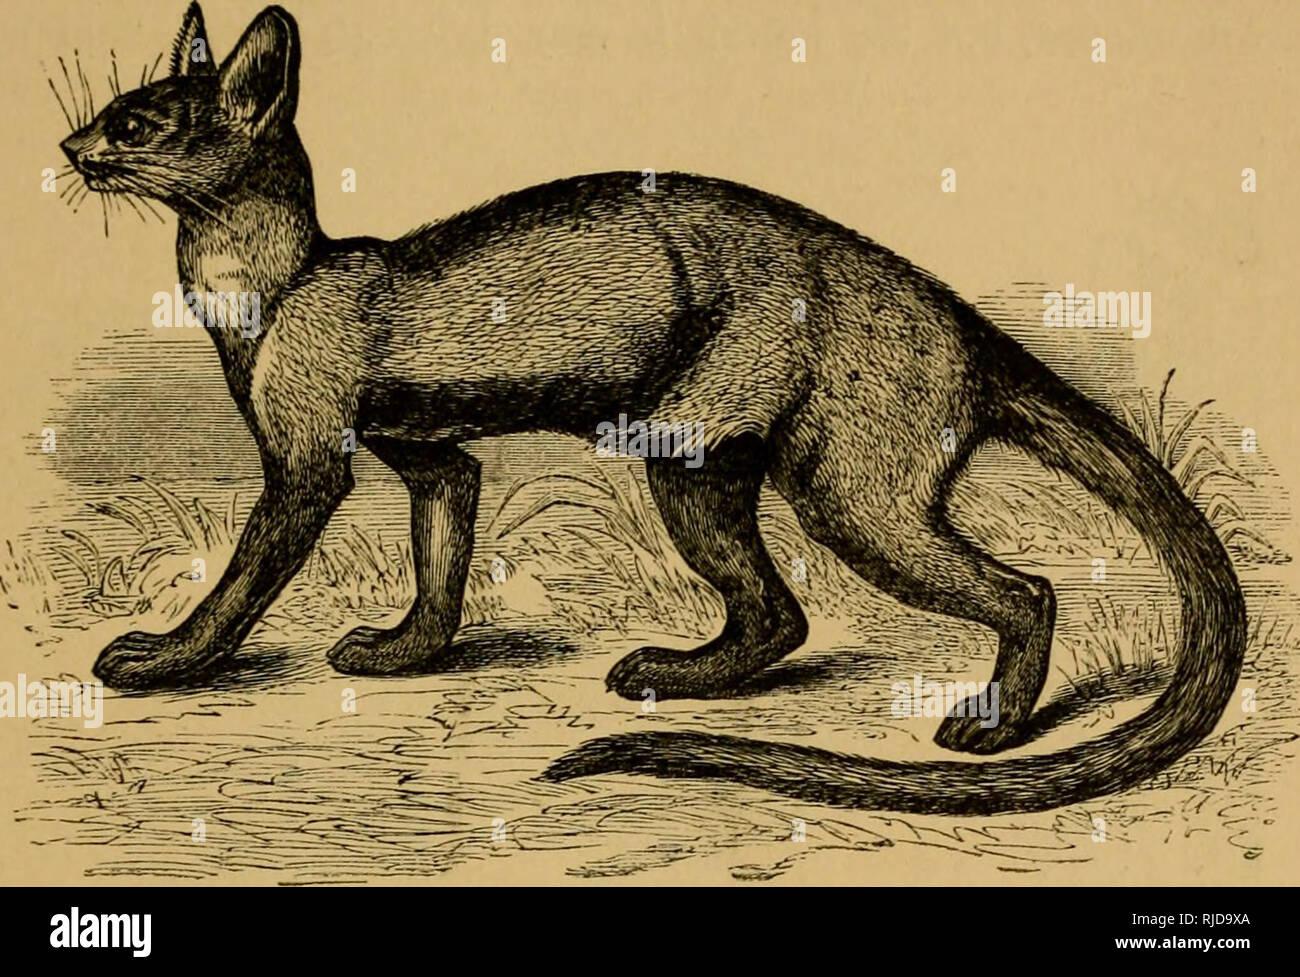 . Die Katze; eine Einführung in das Studium der backboned Tiere, vor allem Säugetiere. Katzen; Anatomie, Vergleichende. CHAP, xm.] DER KATZE IN DER NATUR. 485 Die Basis cranii (Abb. 205) zeigt eine deutliche Ali - Sphenoid Kanal {a, a) und A. carotis Foramen in der Nähe des vorderen Ende des inneren Rand der hulla, die Hy ein Septum in zwei Kammern unterteilt ist. Die innere. Fij. 203.- Die Foussa {Cryptoprocta jcrox). Dieser Kammern ist ganz hinten in der Situation, und der BULLA ist viel mehr hinter als vor Prominenten. Die paroccipital Prozess ist nicht prominent, ist aber auf die Bulla angewendet, und das Mastoid. Stockbild